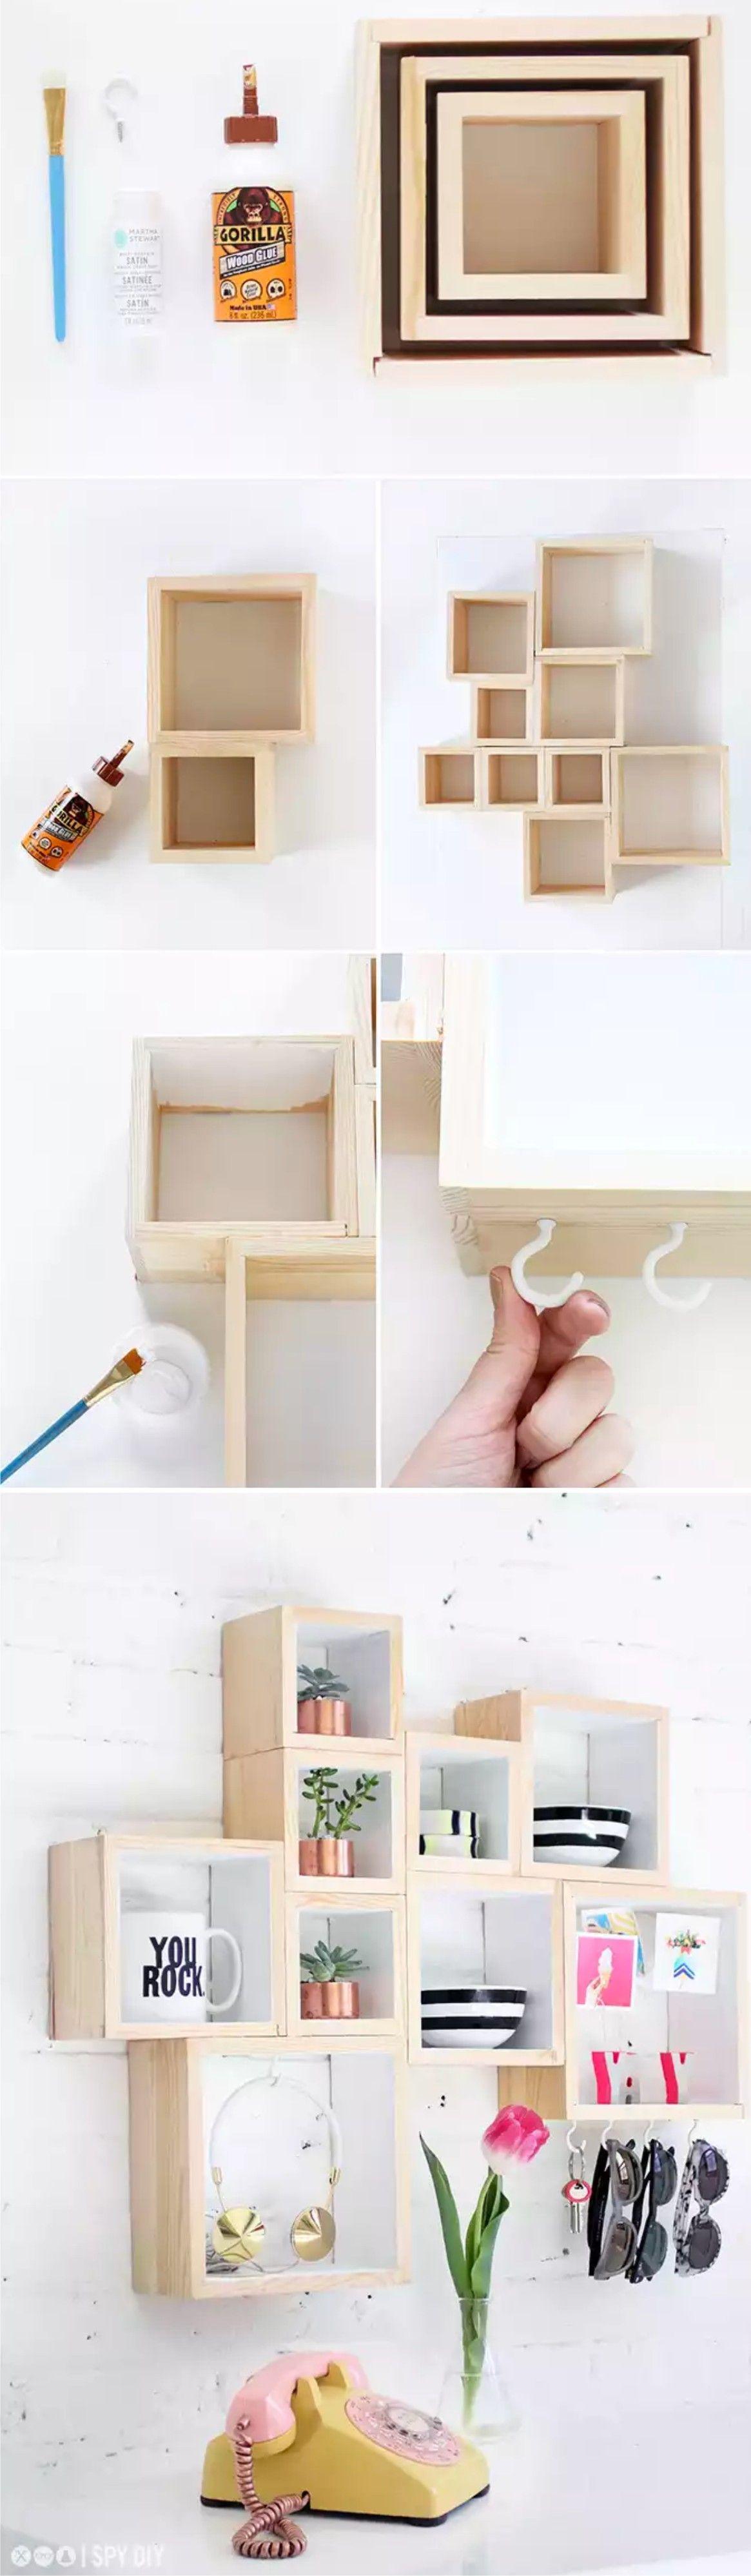 huis decoratie zelf maken 1 slaapkamer planken planken creatieve inrichting creativiteit decoreren